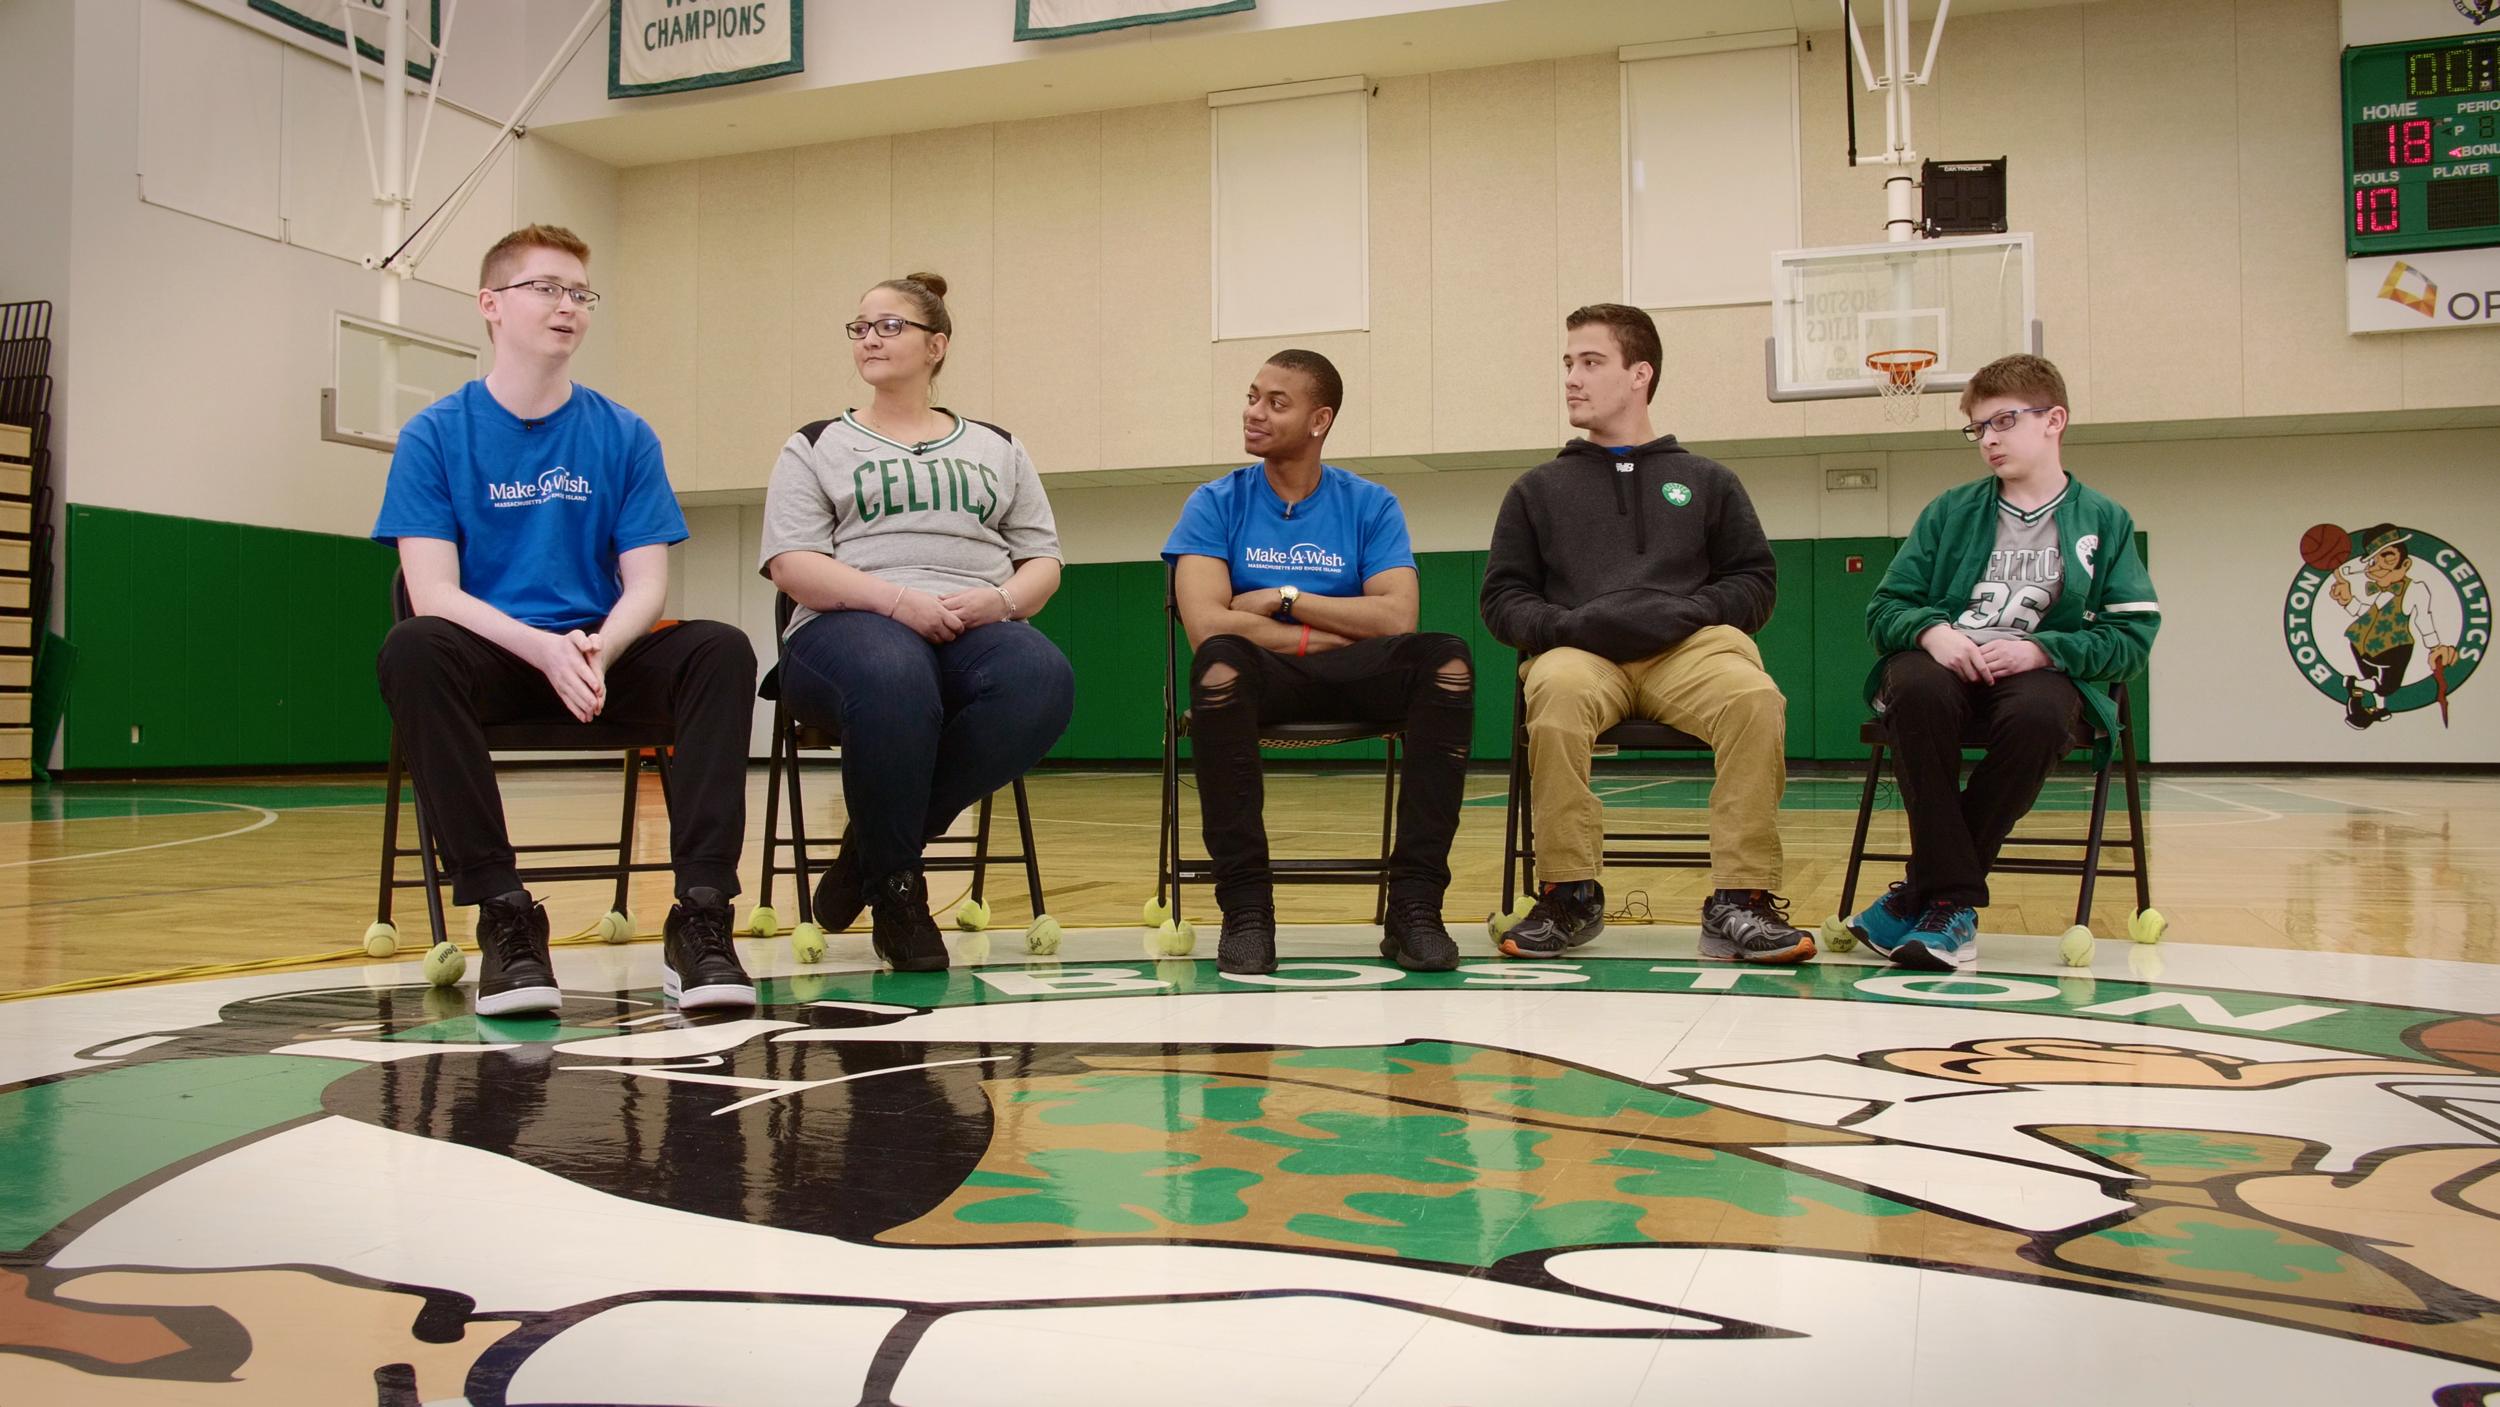 Make-A-Wish</br><em>Celtics Tribute</em>|more-work